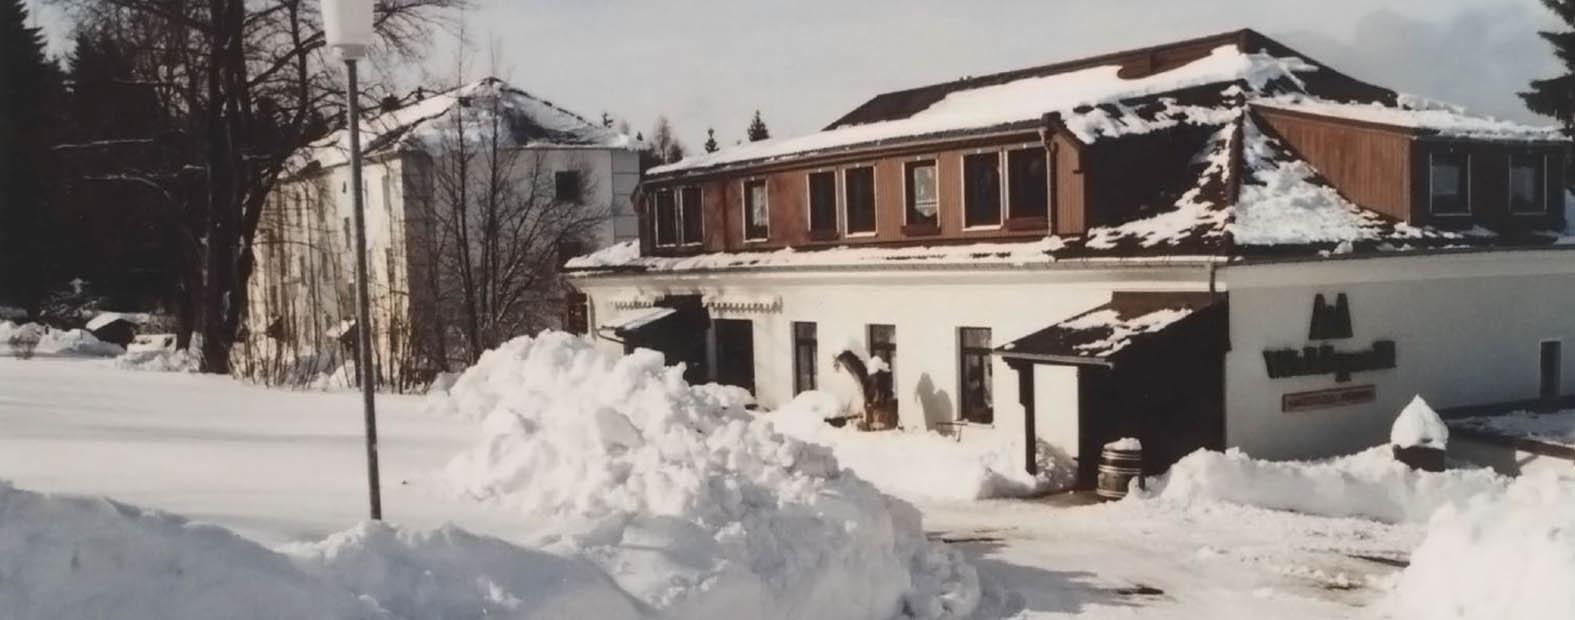 waldquell_winter-4_schmal